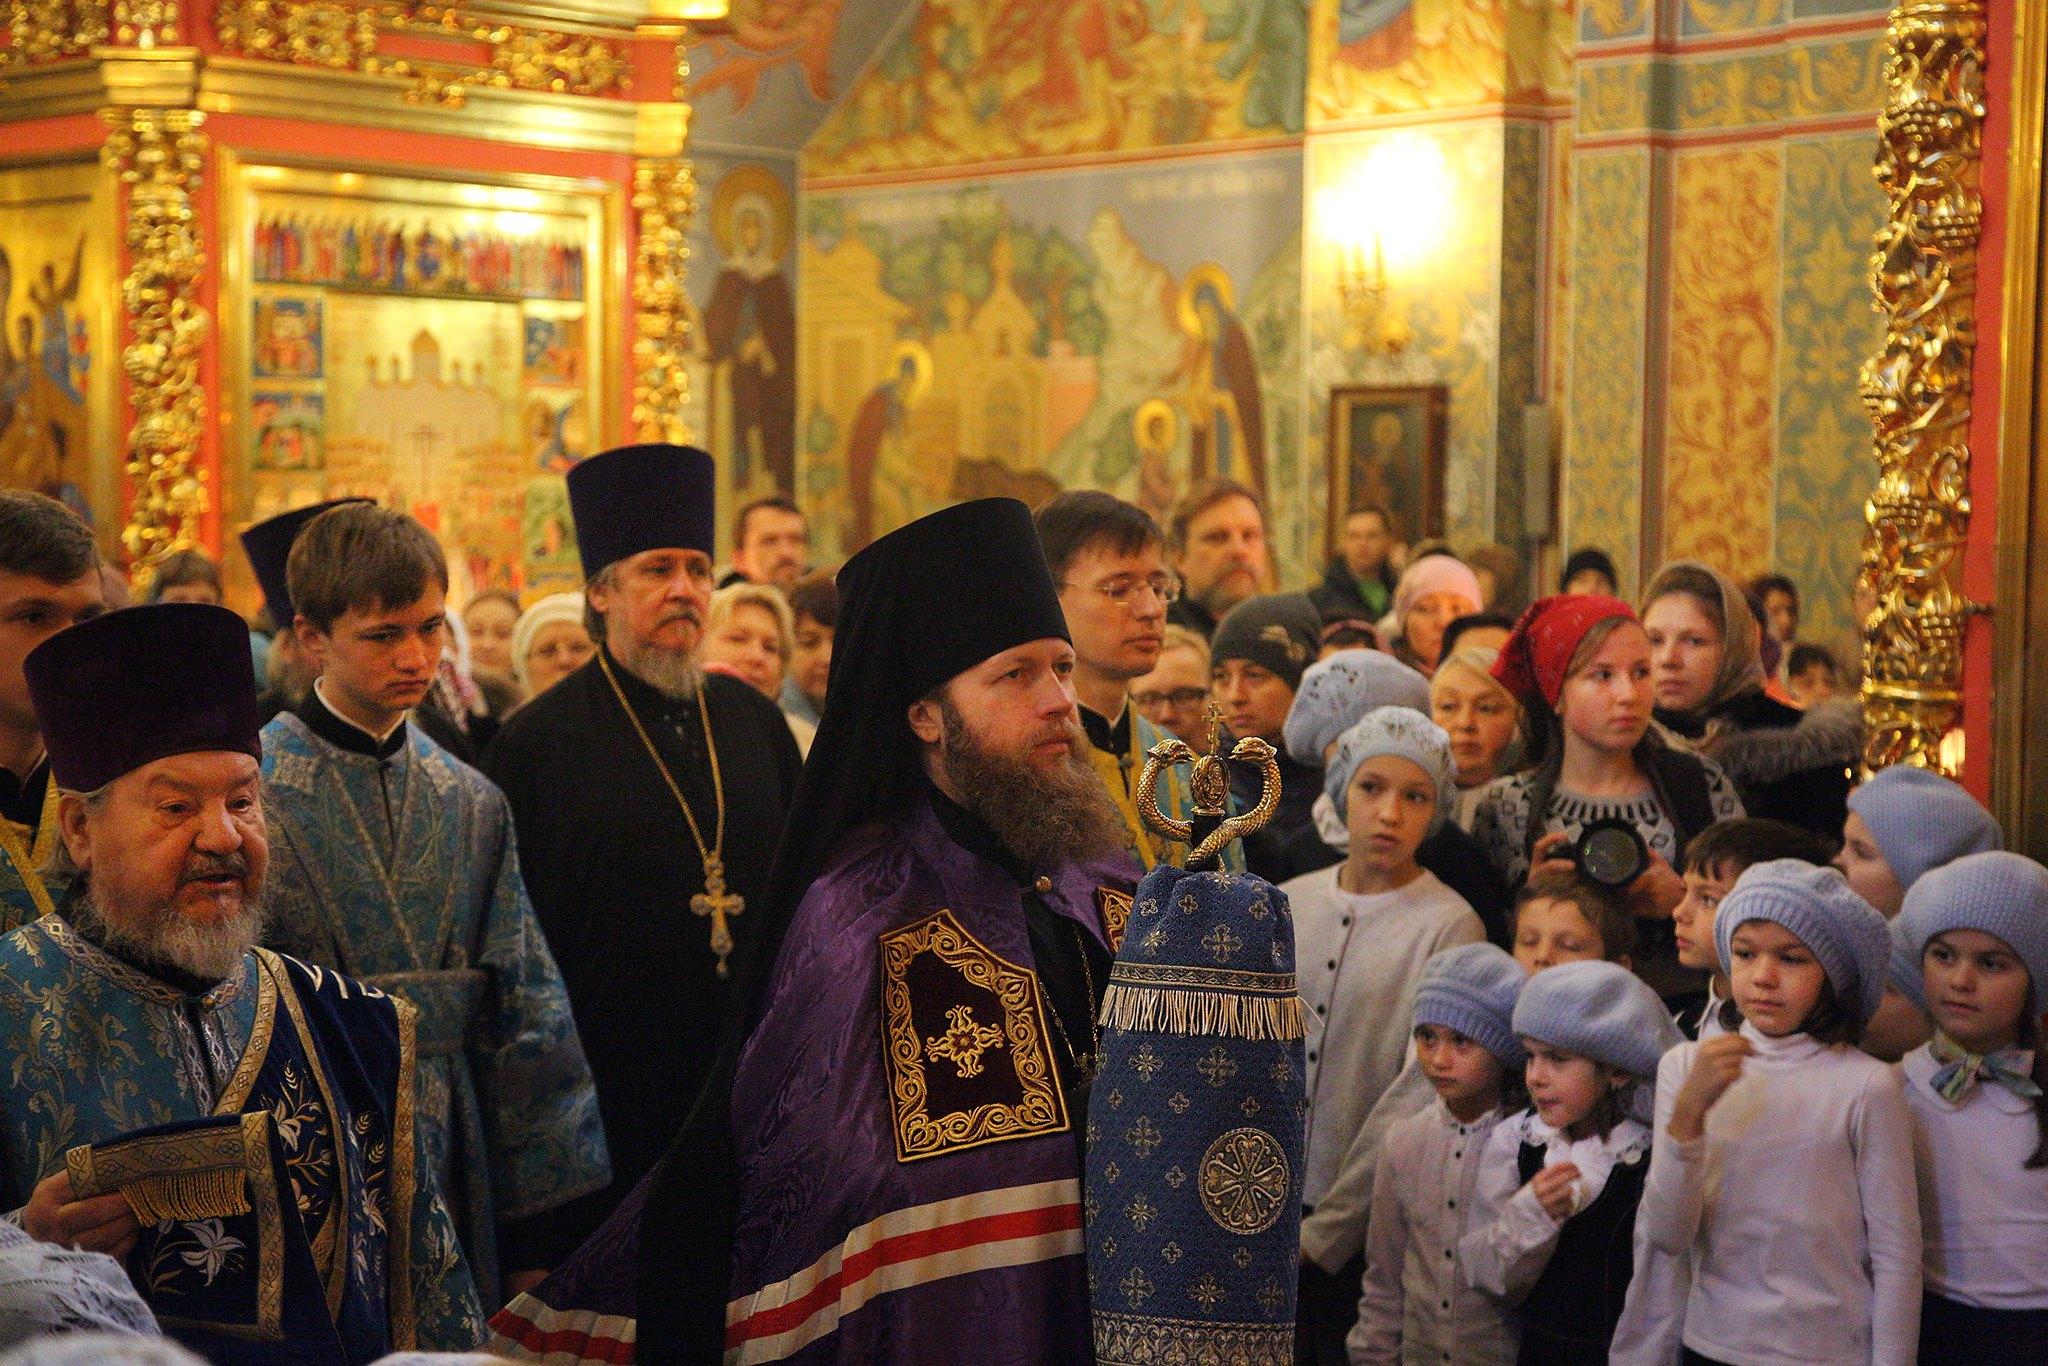 Введенская церковь храмового комплекса прп. Сергия Радонежского на Рязанке отметила престольный праздник